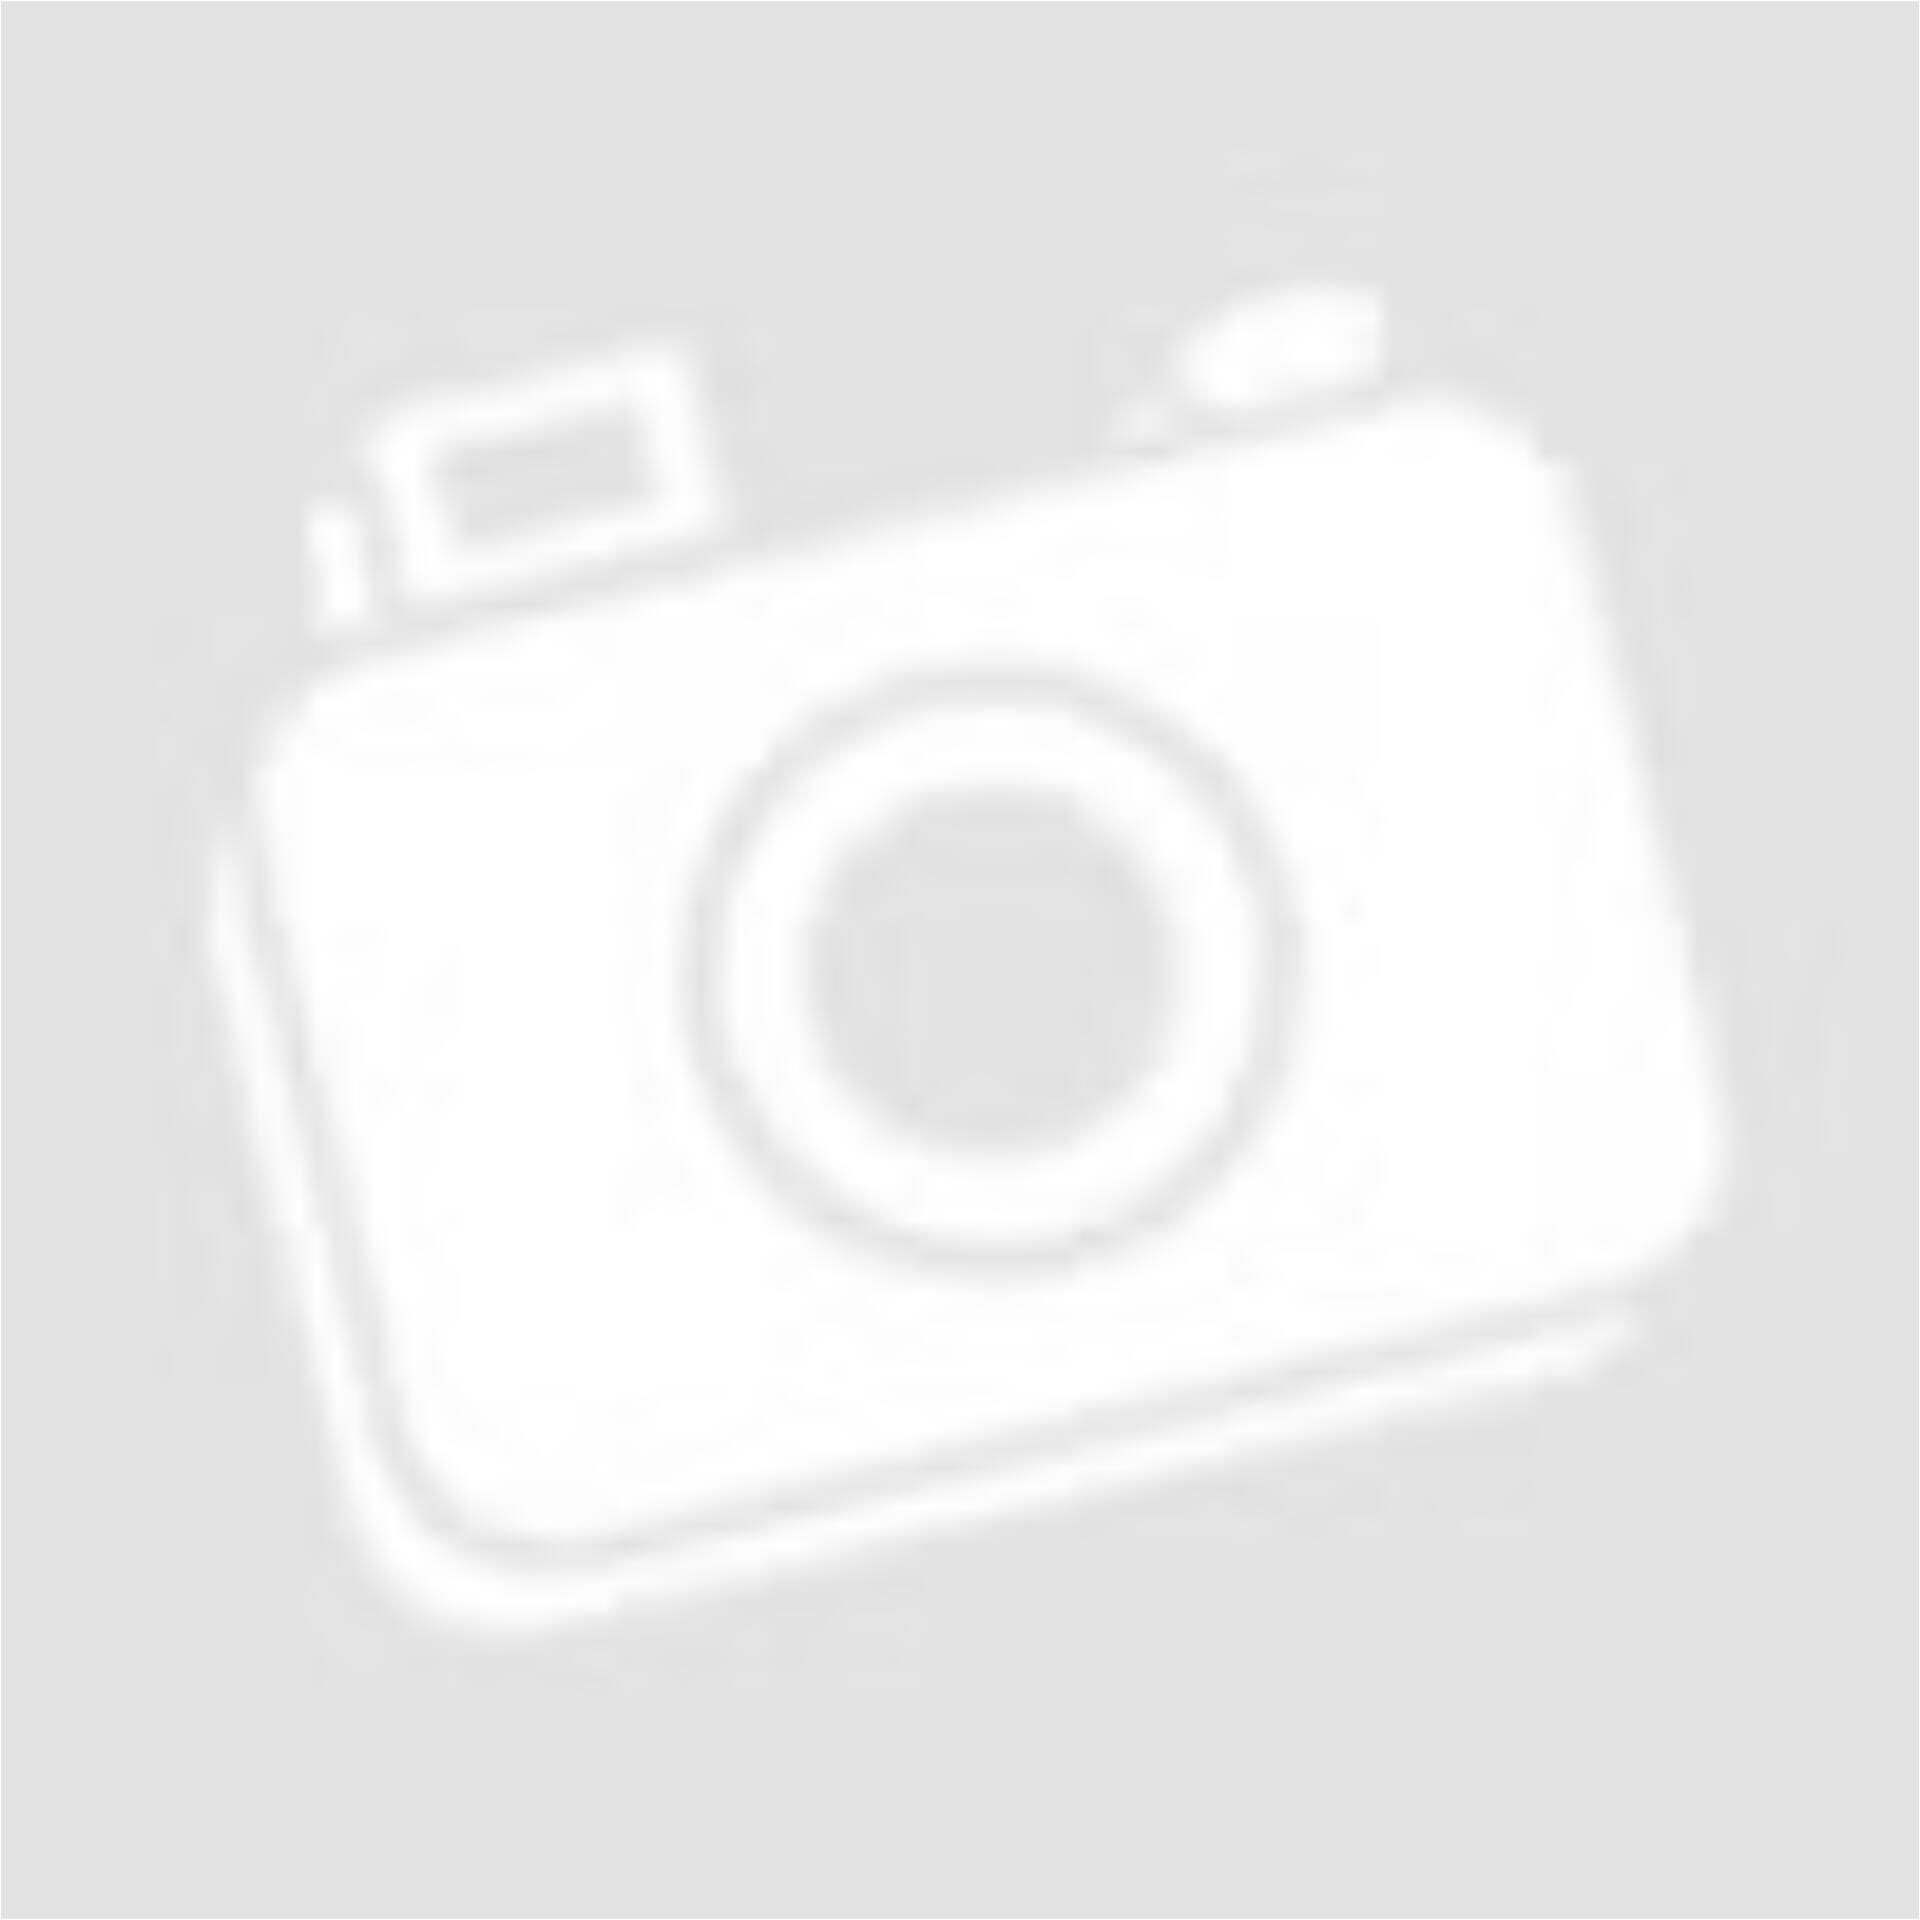 f82de4581c TOPSHOP bézs színű pliszírozott egész ruha (Méret: M) - Ruha ...